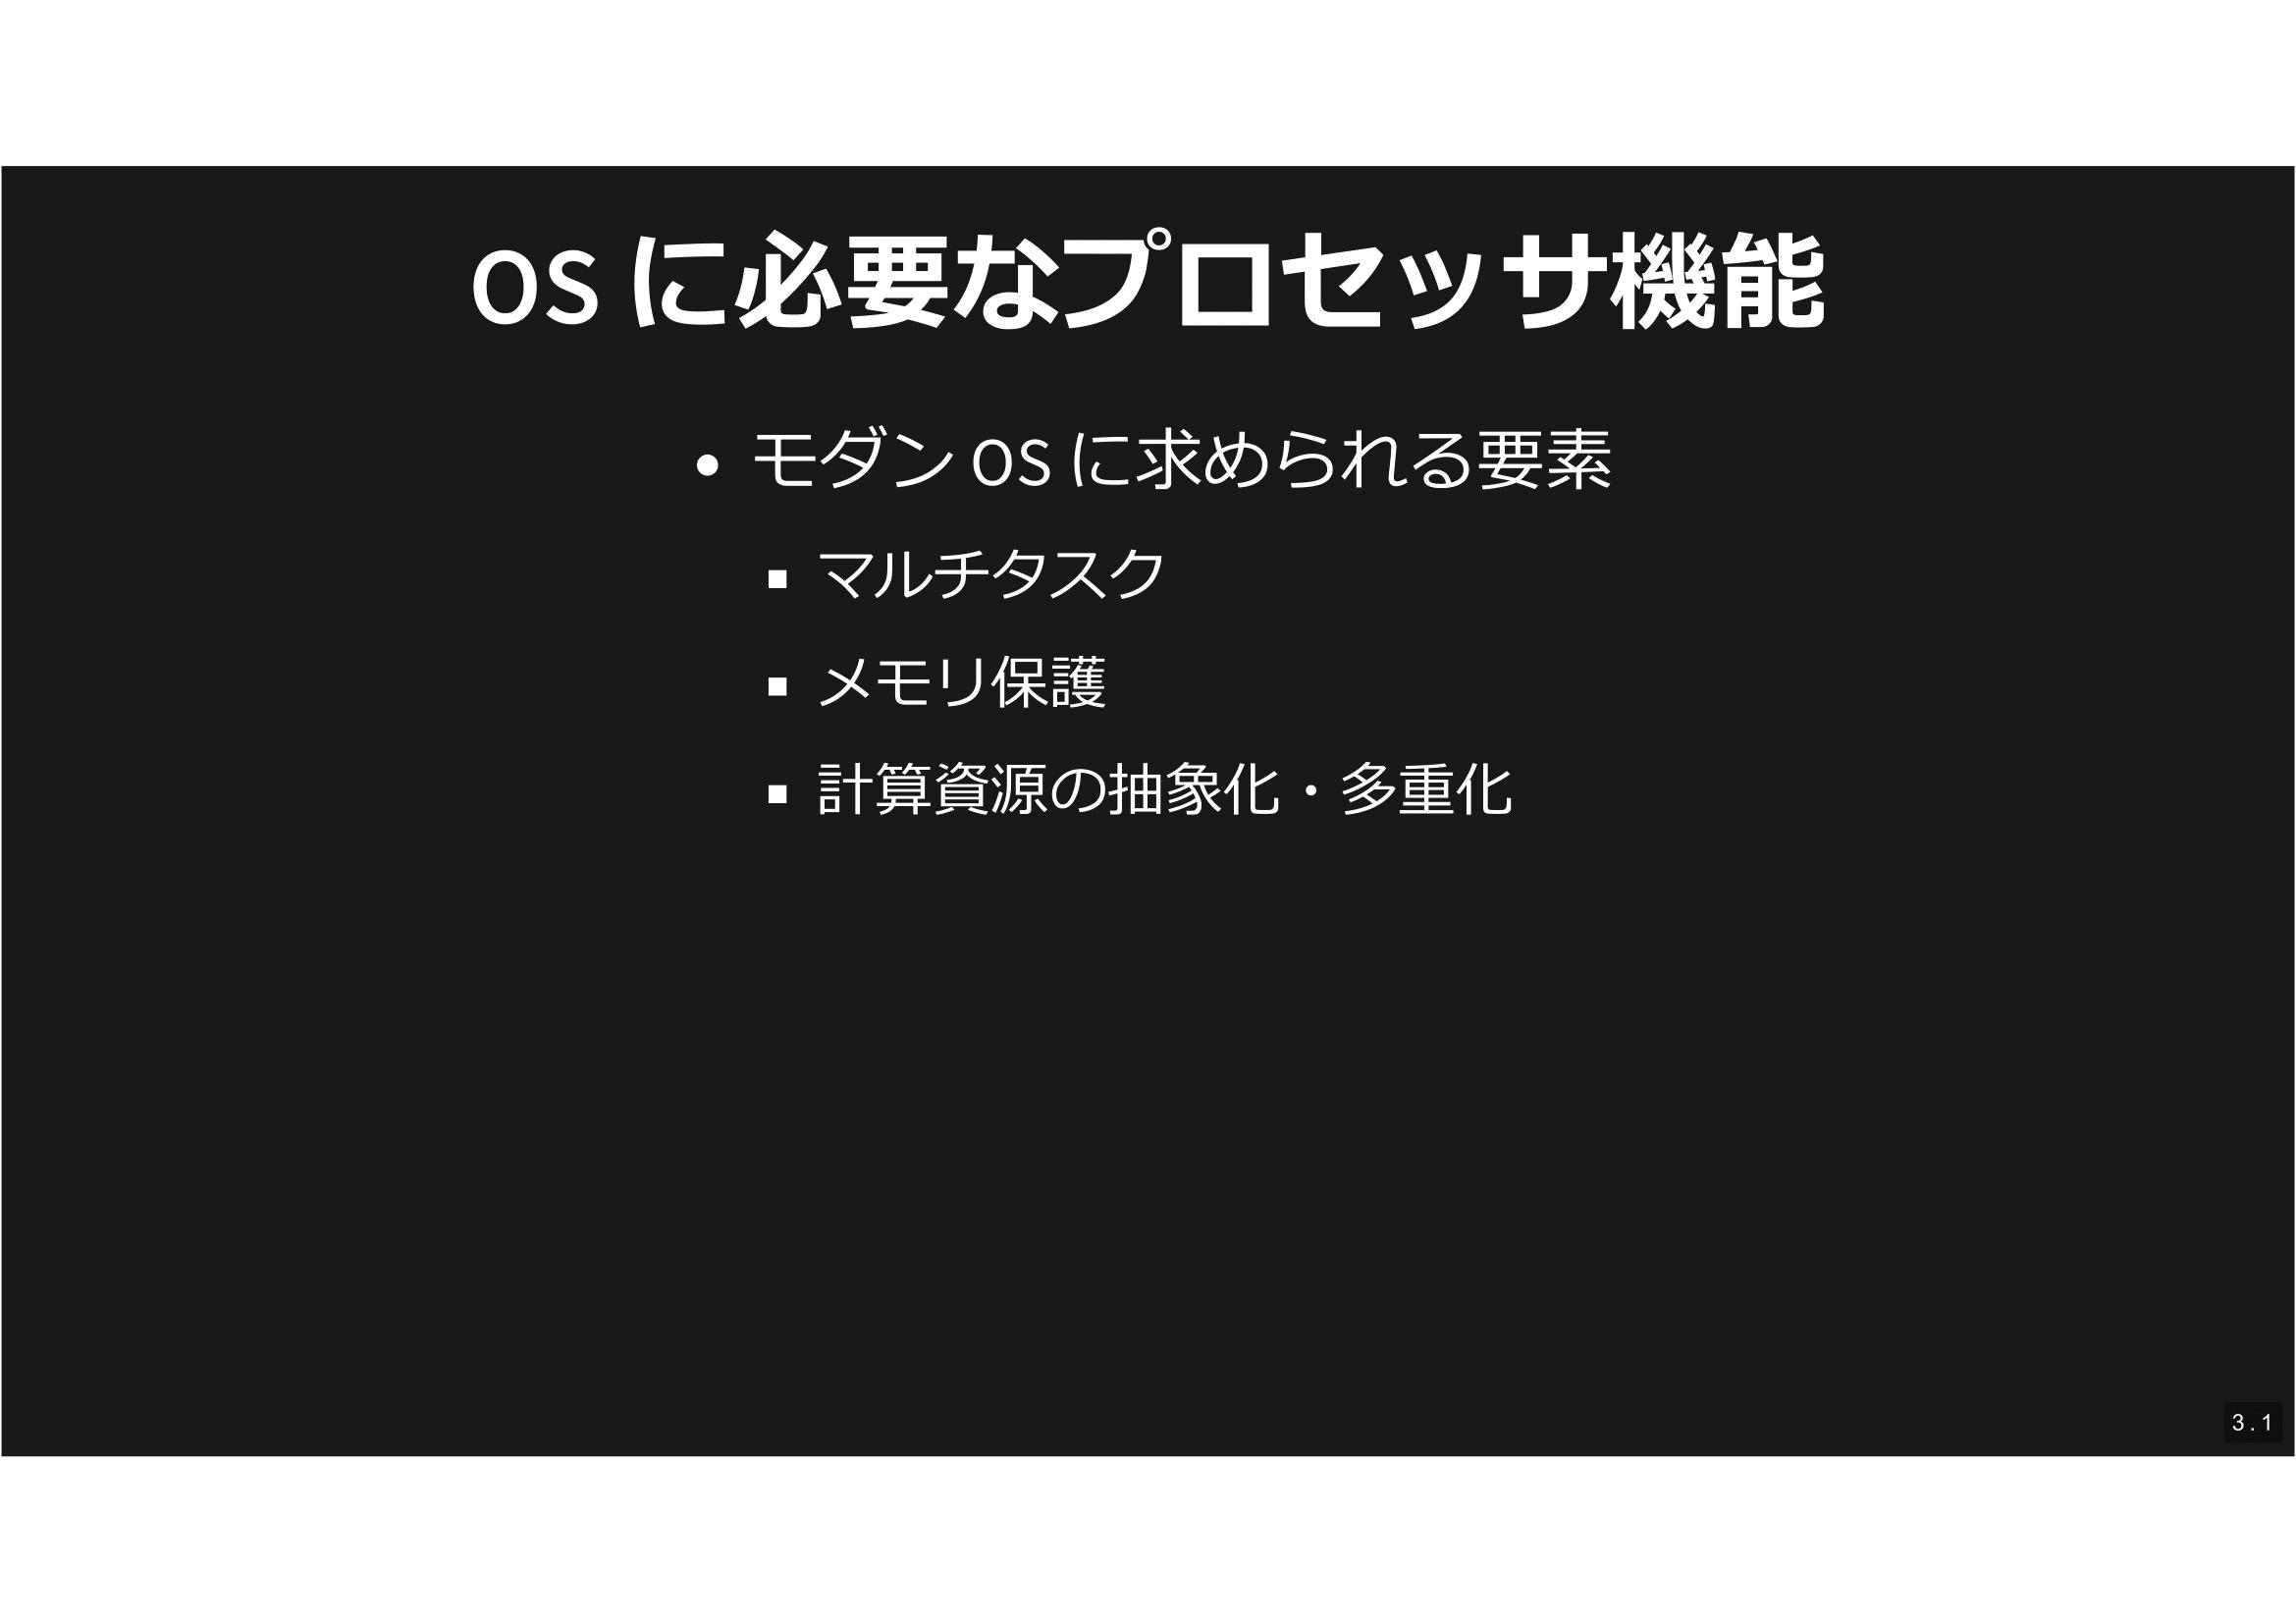 OS開発に必要なArmアーキテクチャとは part.1 実行モデルと割り込み ...